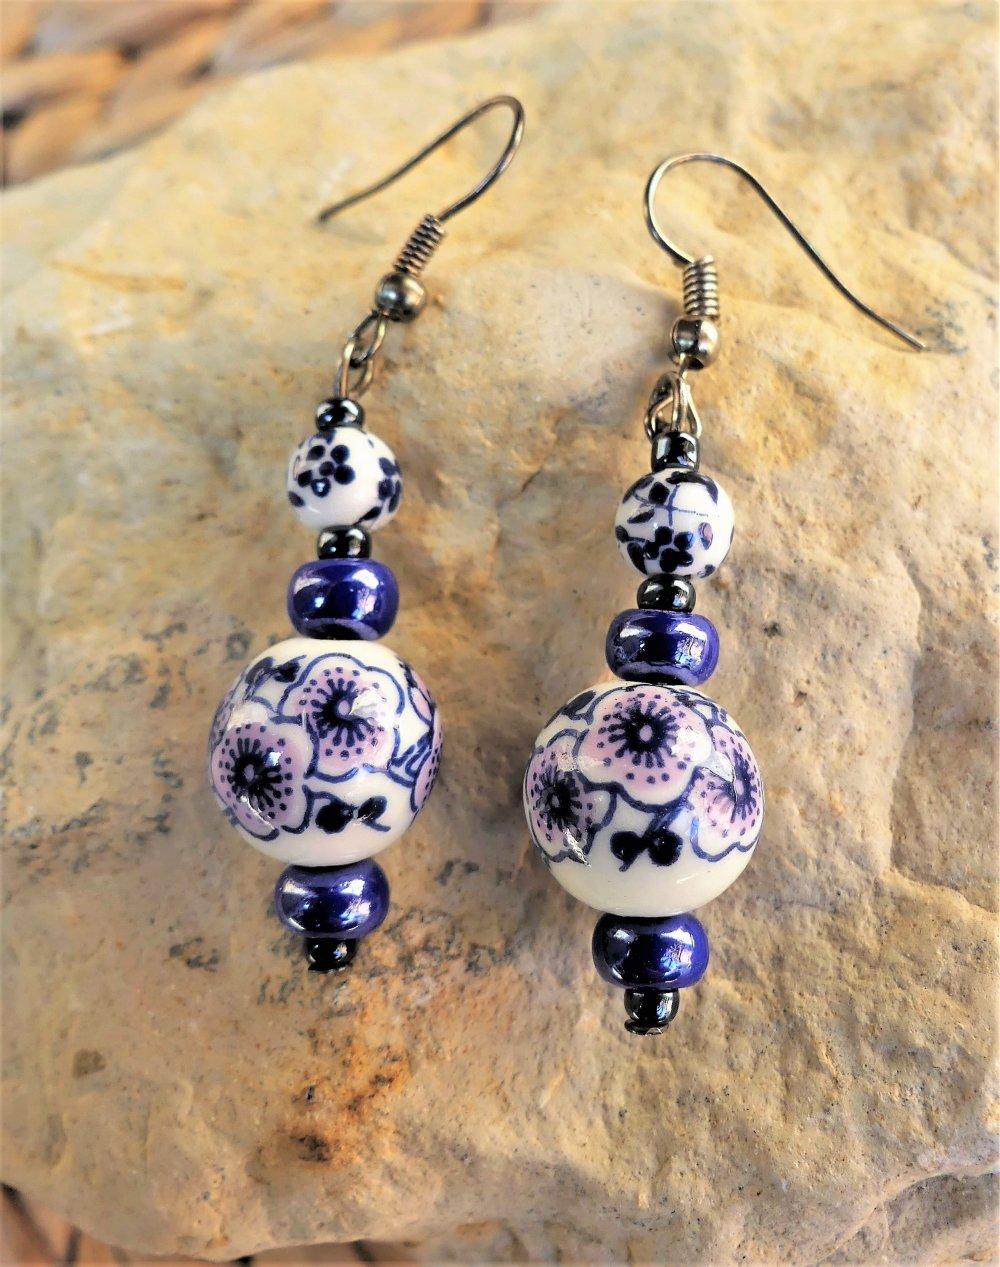 Boucles d'oreilles en céramique et porcelaine marine et blanche avec une touche de rose